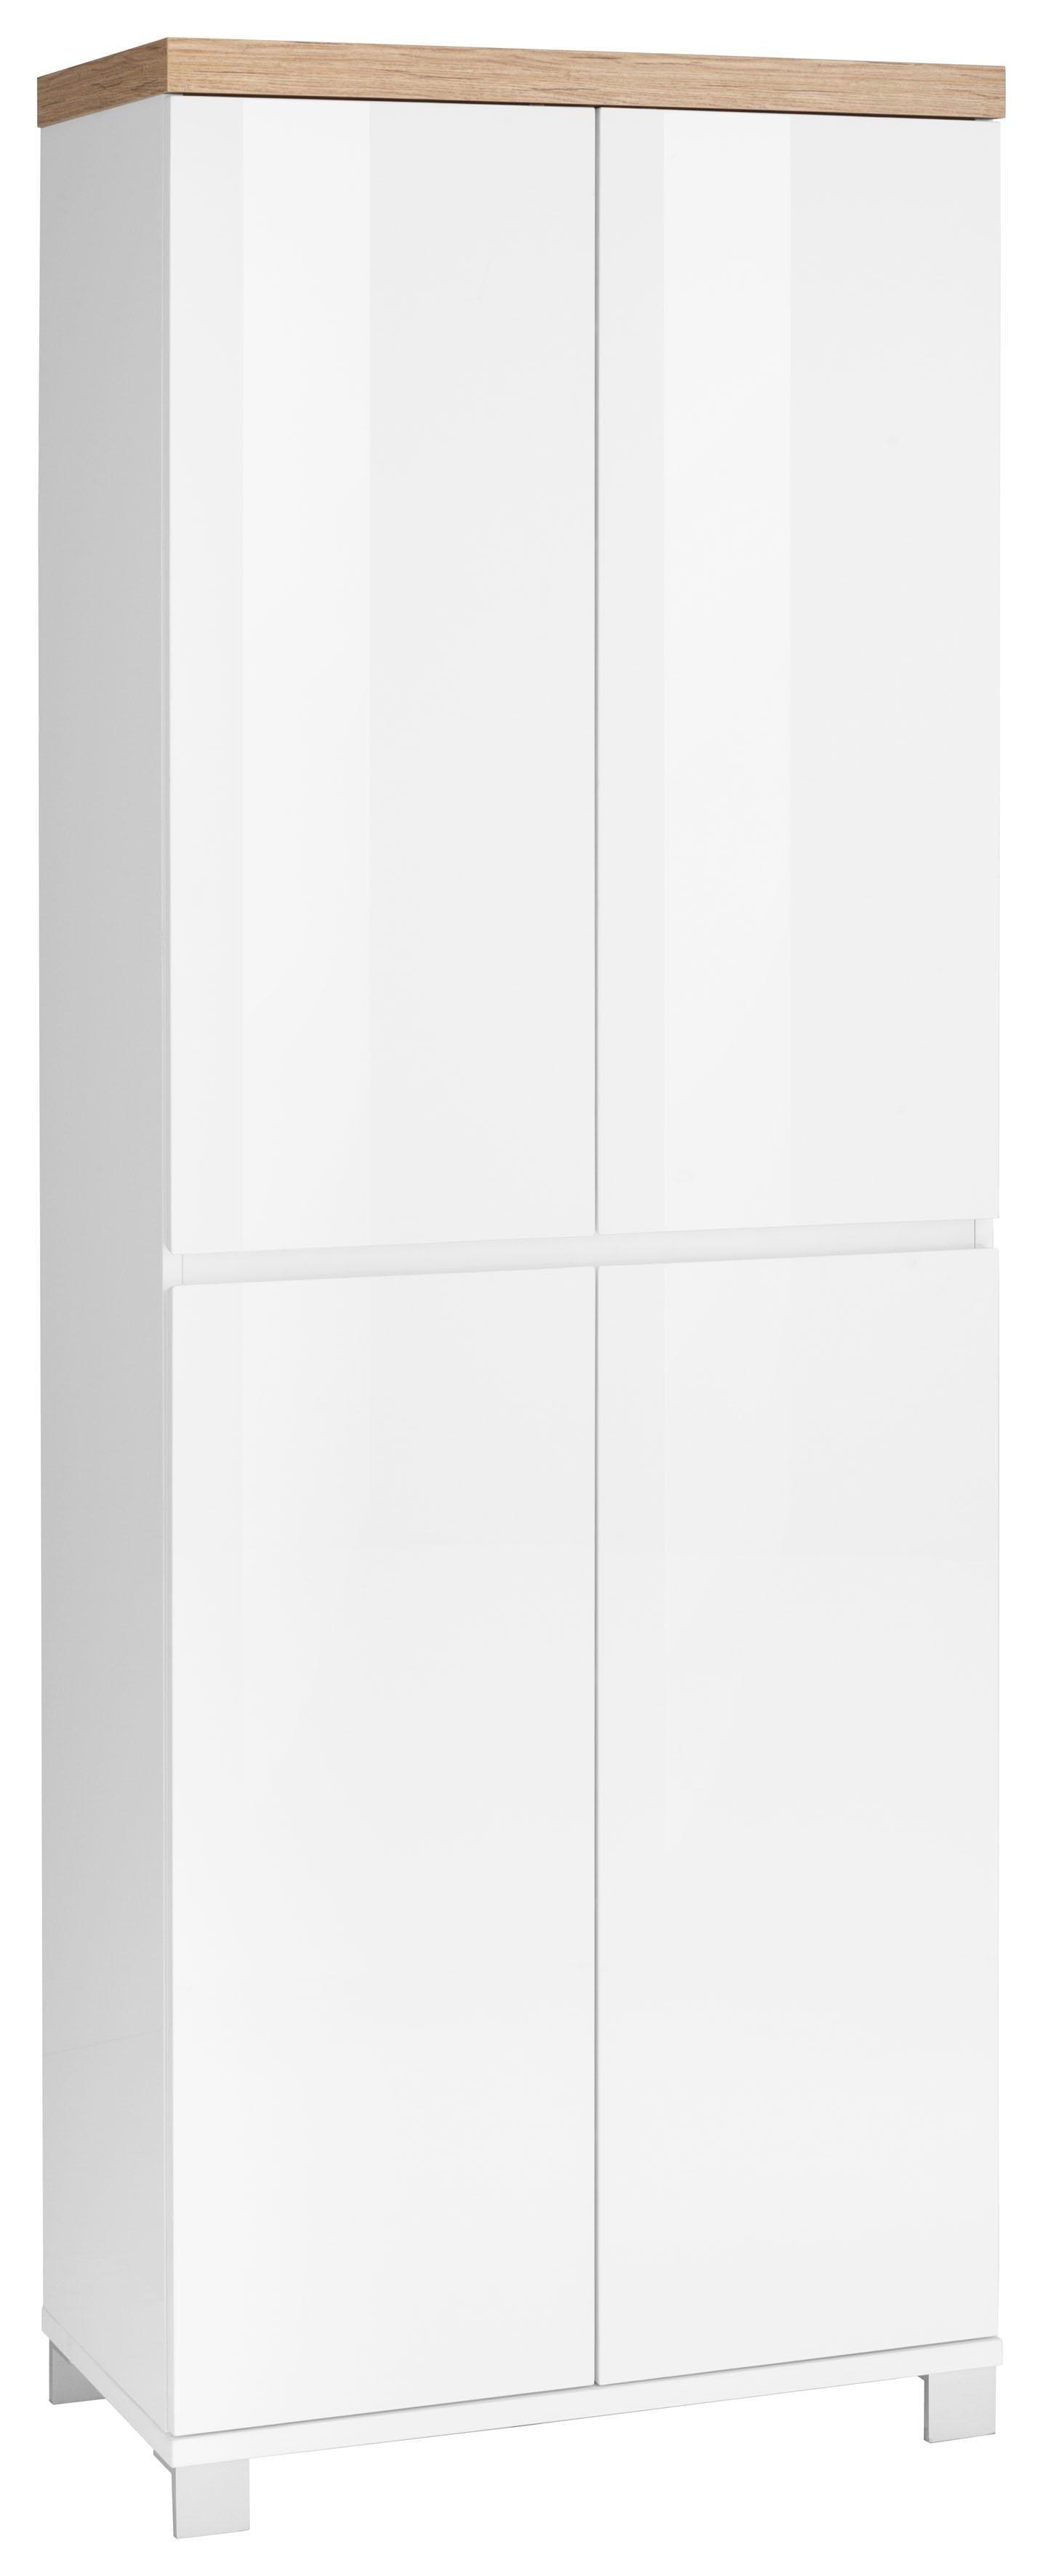 Garderobenschrank »Thila« | Flur & Diele > Garderoben > Garderobenschränke | Hochglanz - Glanz | Hochglanz - Melamin | HMW